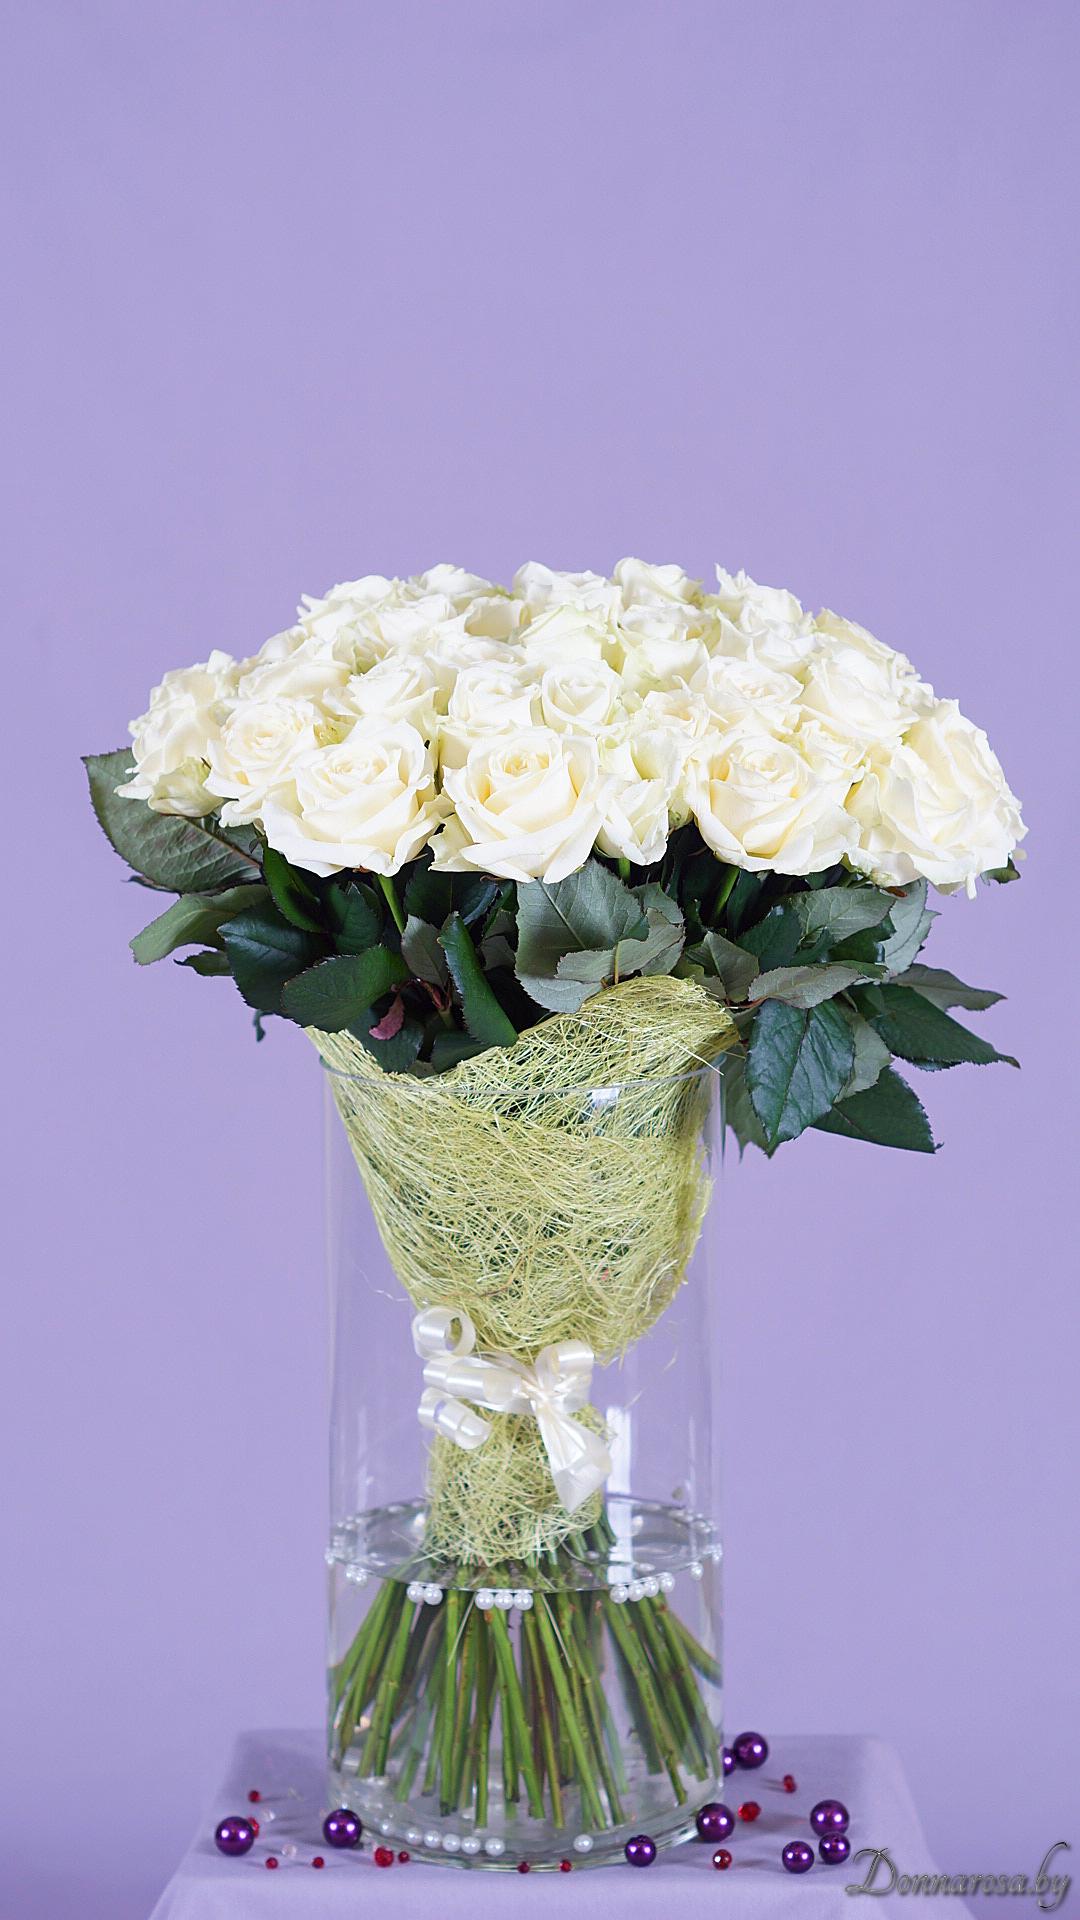 Чудесные букеты из роз от производителя всего от 1,57 руб/шт.